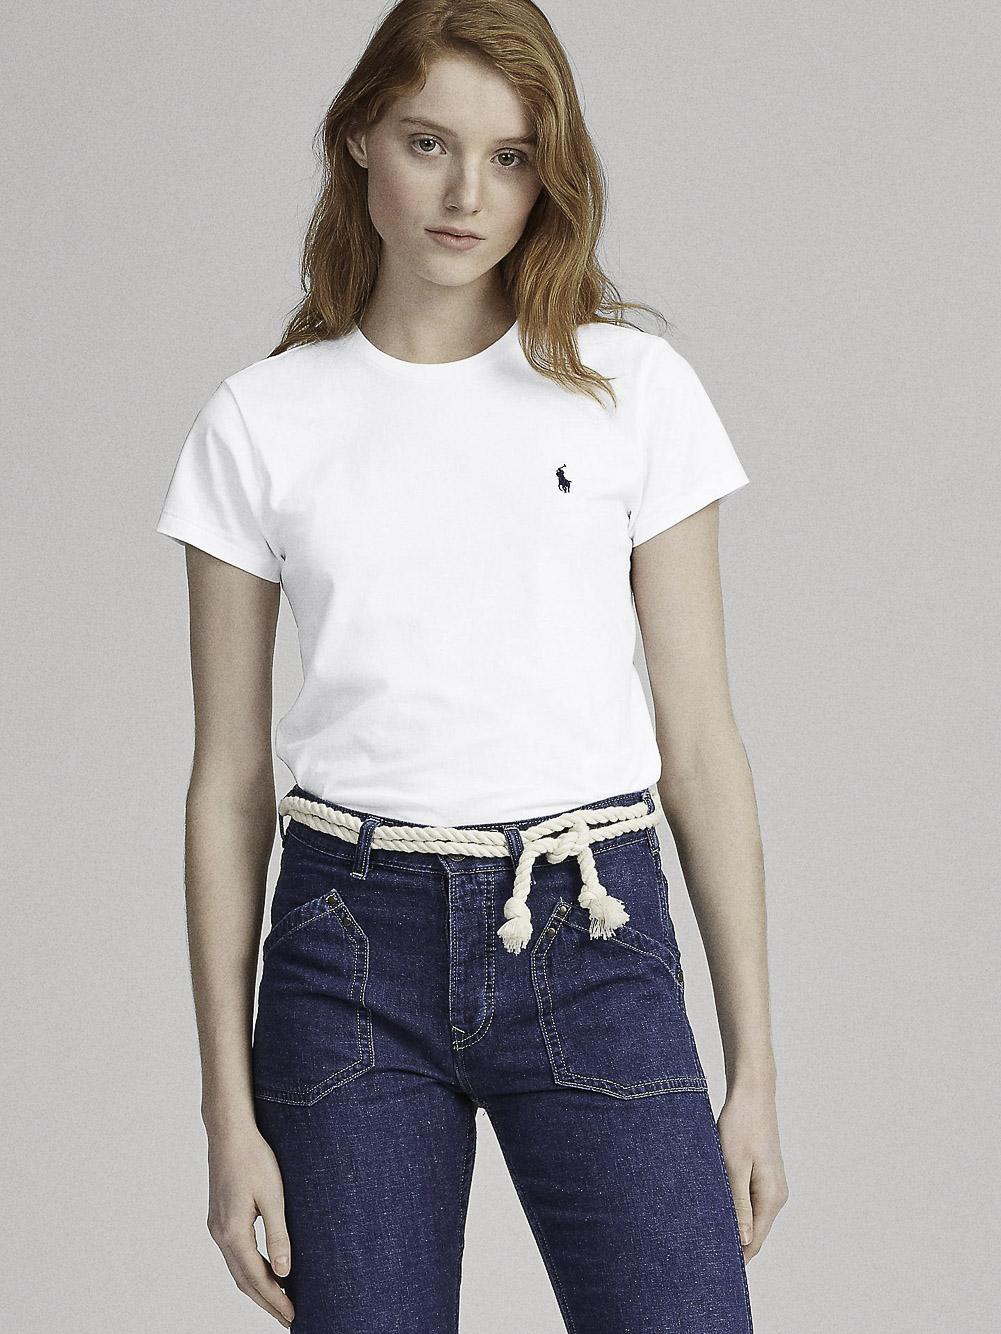 POLO RALPH LAUREN Μπλούζα T-Shirt 211734144001 ΛΕΥΚΟ